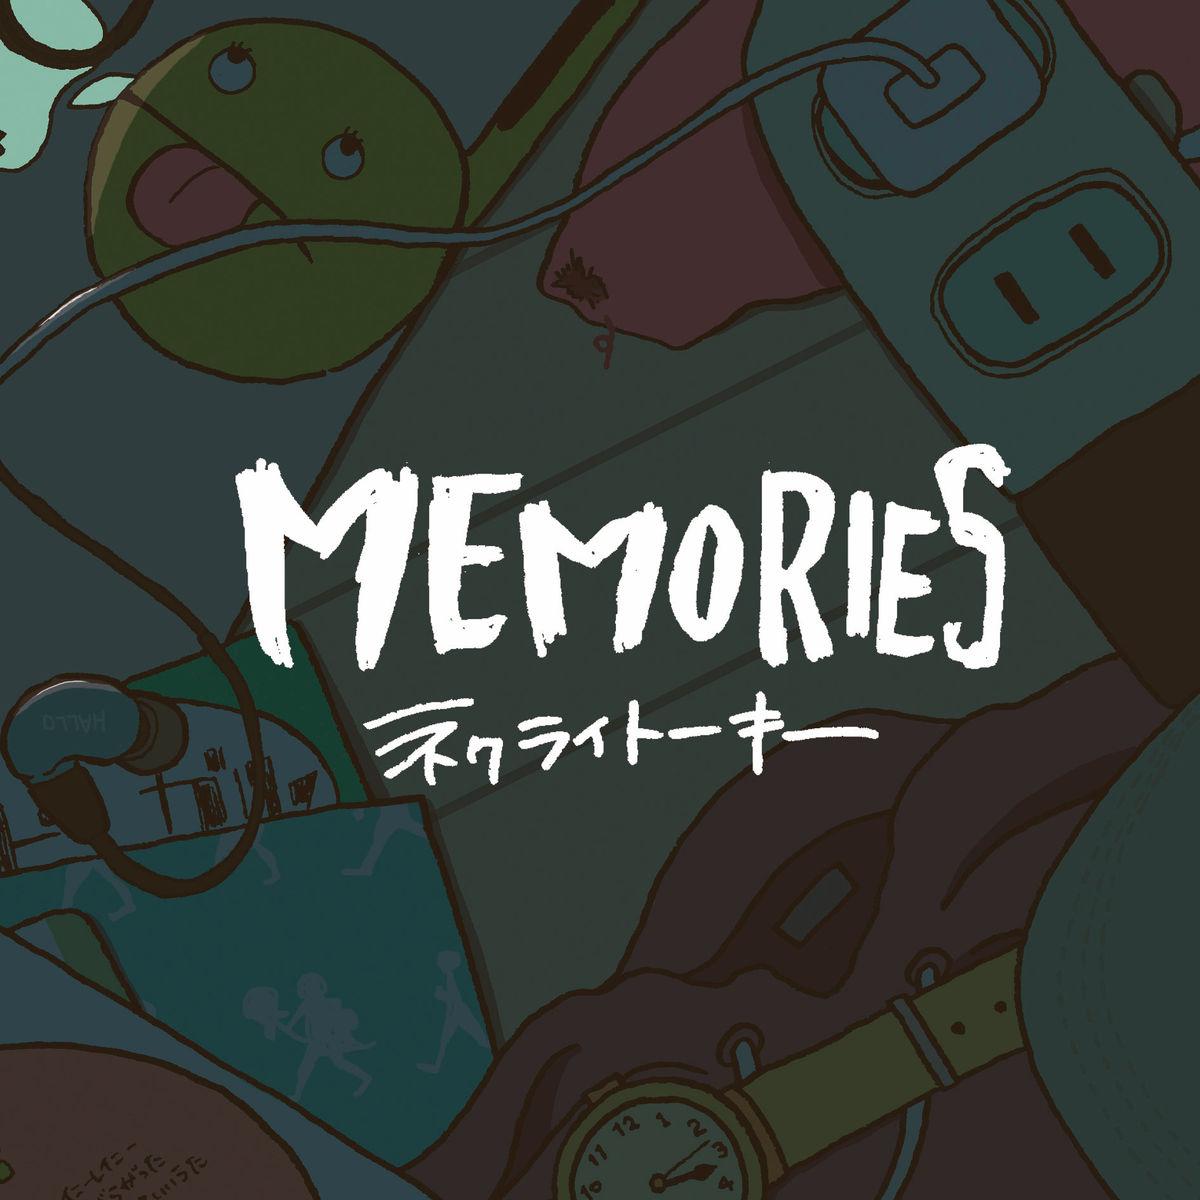 『ネクライトーキー - ティーンエイジ・ネクラポップ』収録の『MEMORIES』ジャケット